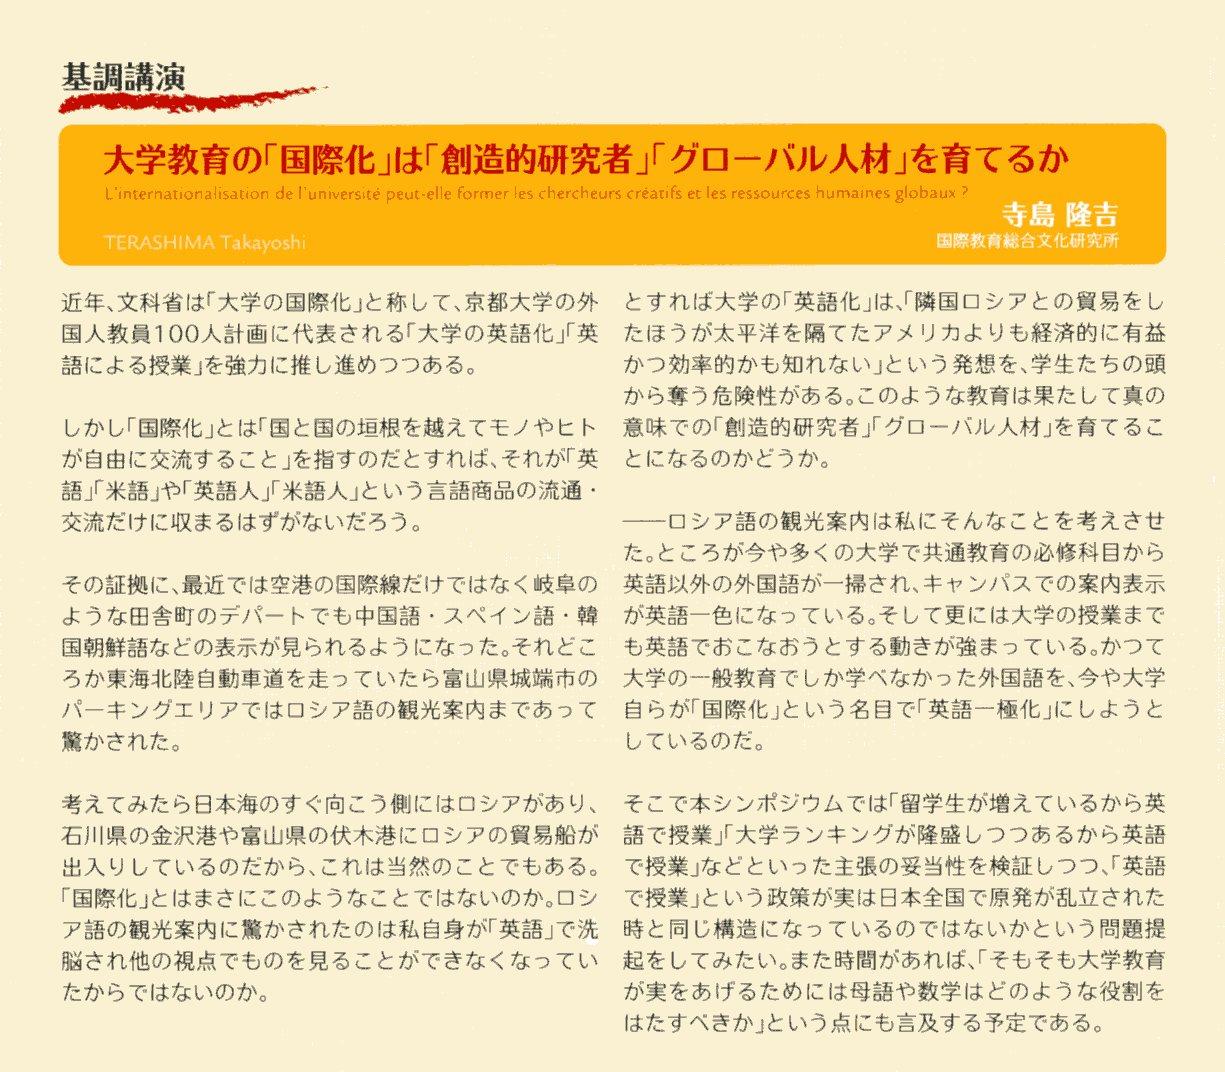 京都大学シンポジウム:大学教育の国際化とはなにか 「基調講演」184